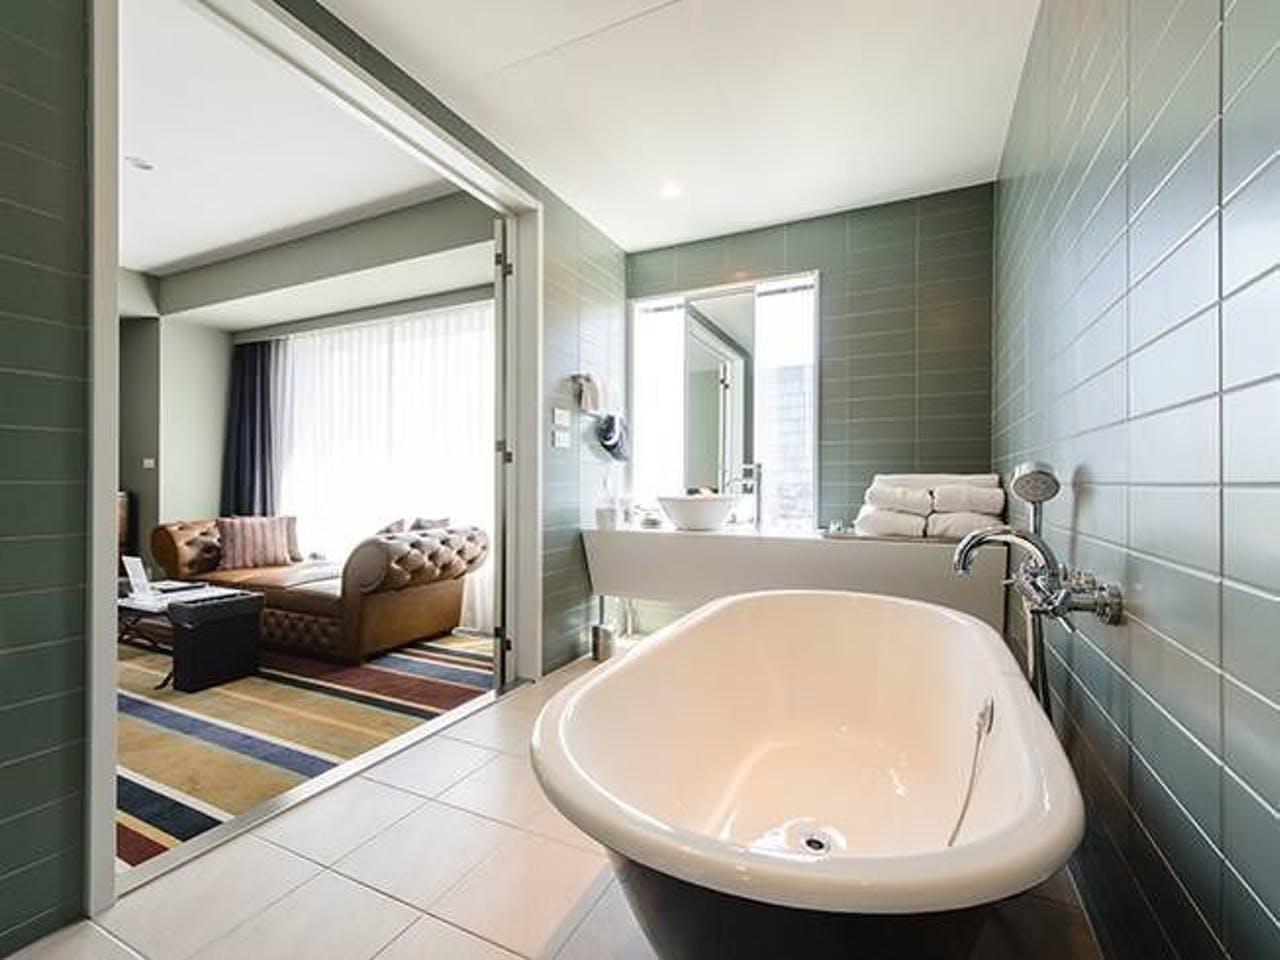 東京おしゃれホテル新宿グランベルホテルの客室バスルーム